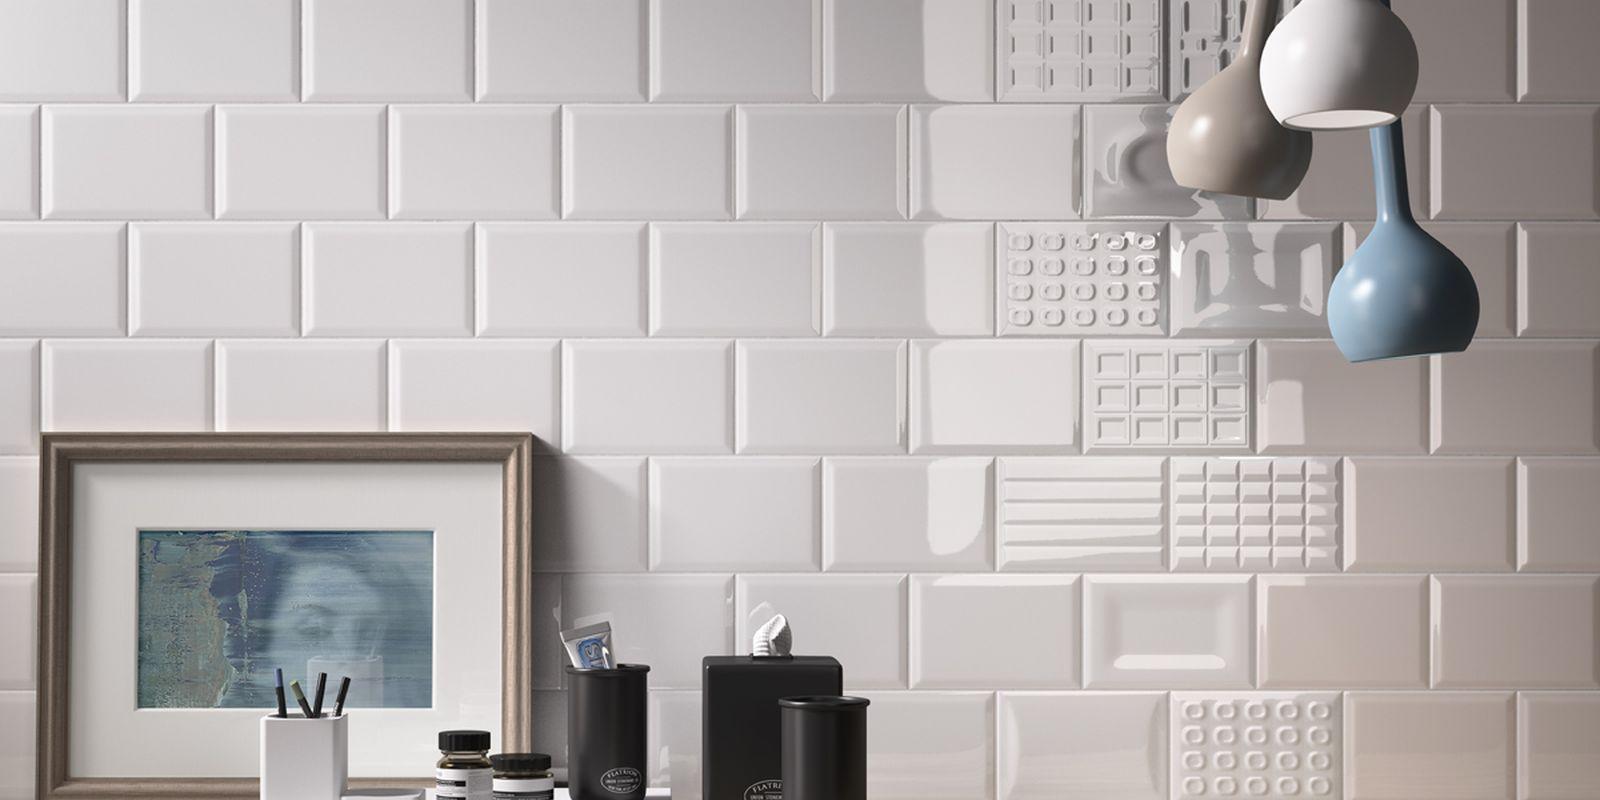 Piastrelle cento per cento bagno moderno ceramica for Piastrelle bagno bianche lucide